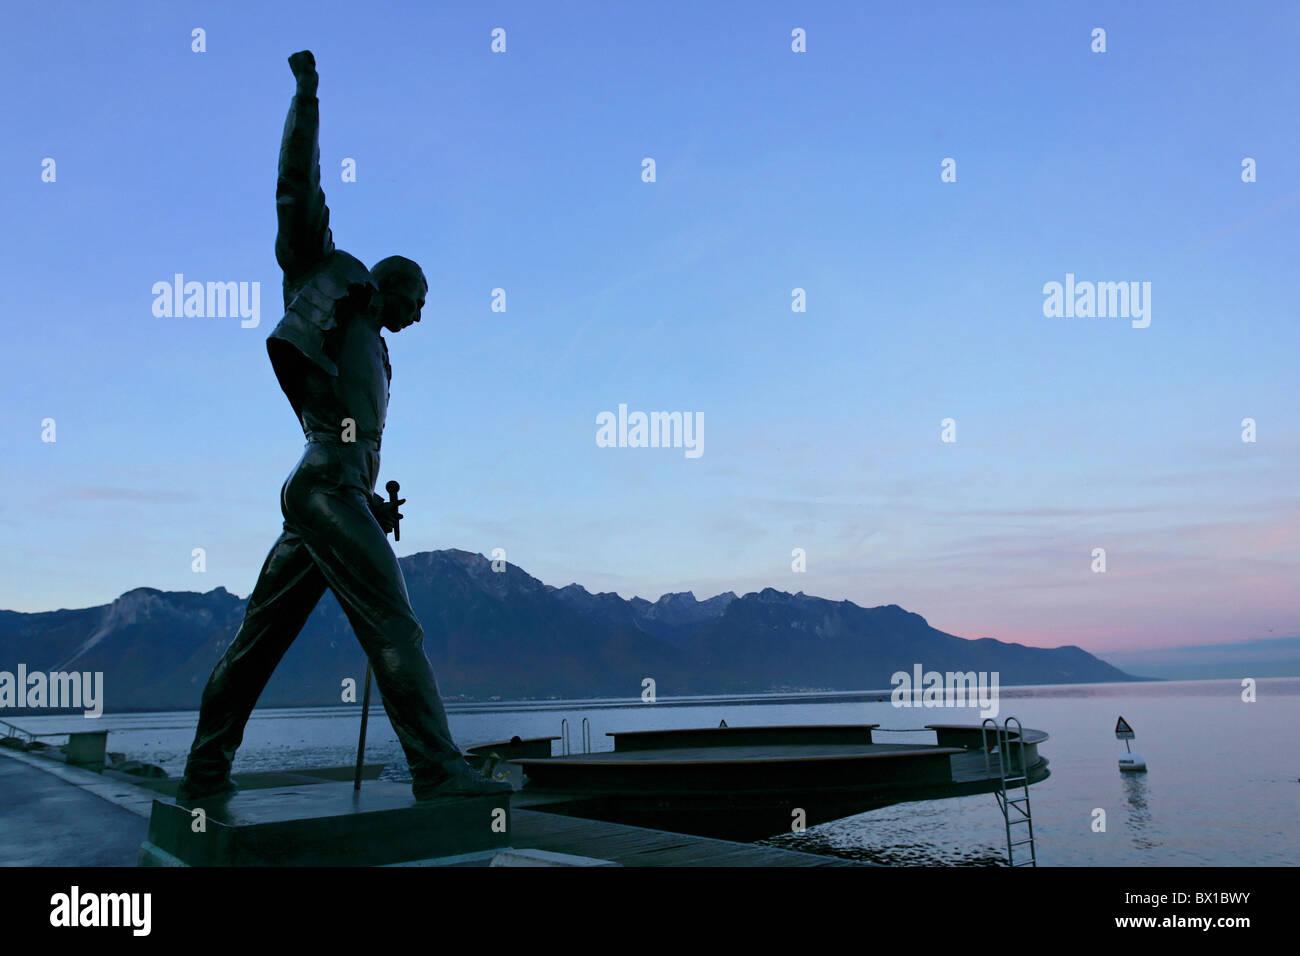 Statue de Freddie Mercury chanteur musicien musique Queen monument de la musique rock lac de Genève Lac Léman lac d'humeur Banque D'Images